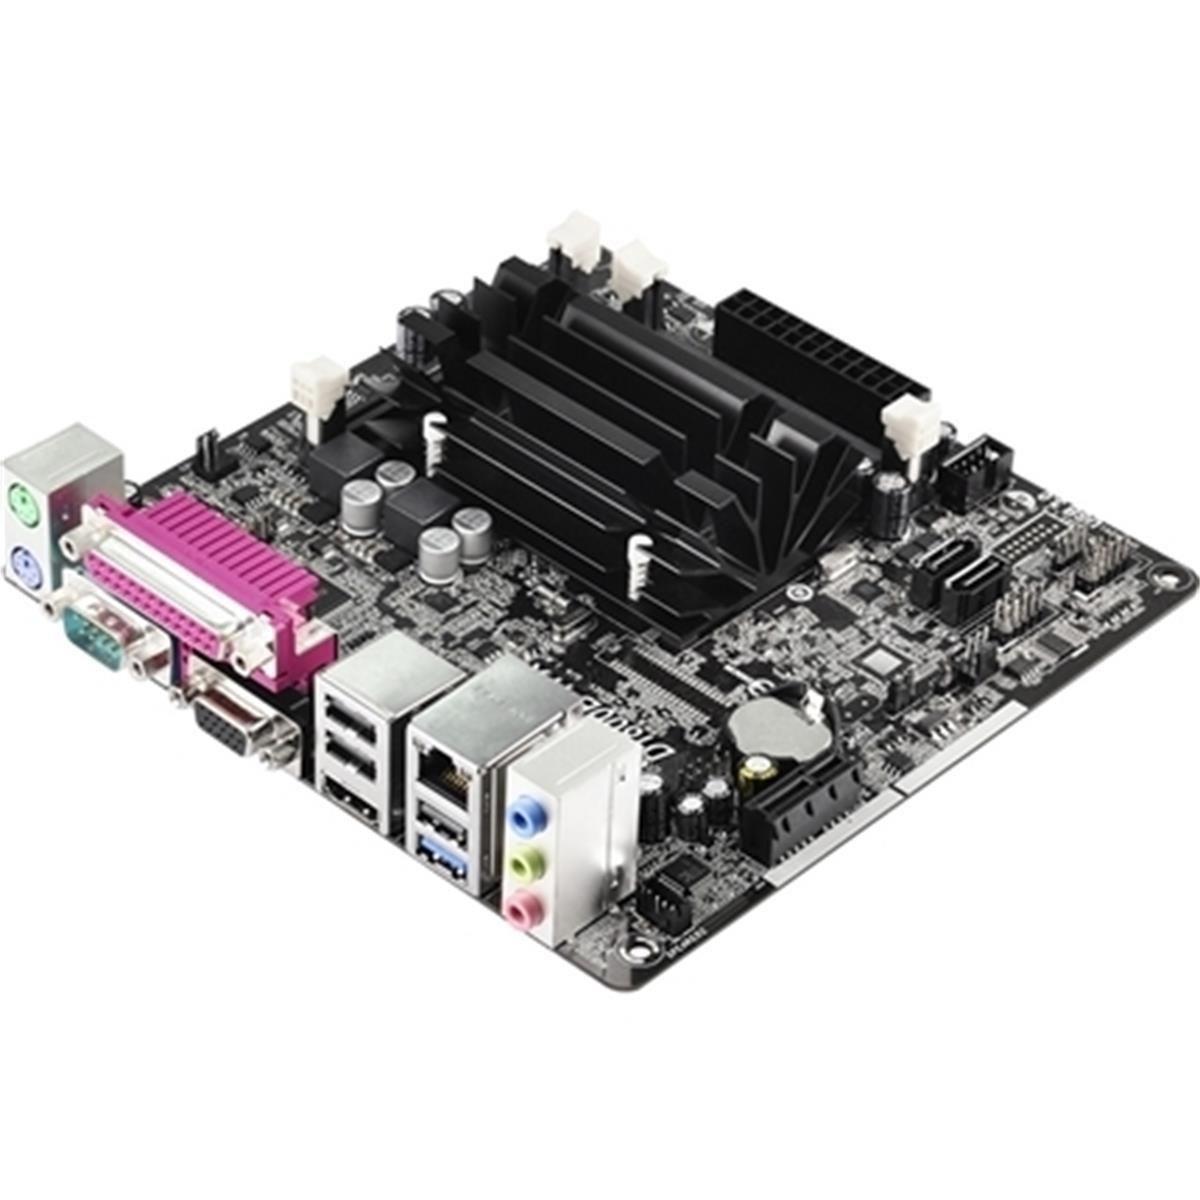 PLACA MÃE D1800B-ITX